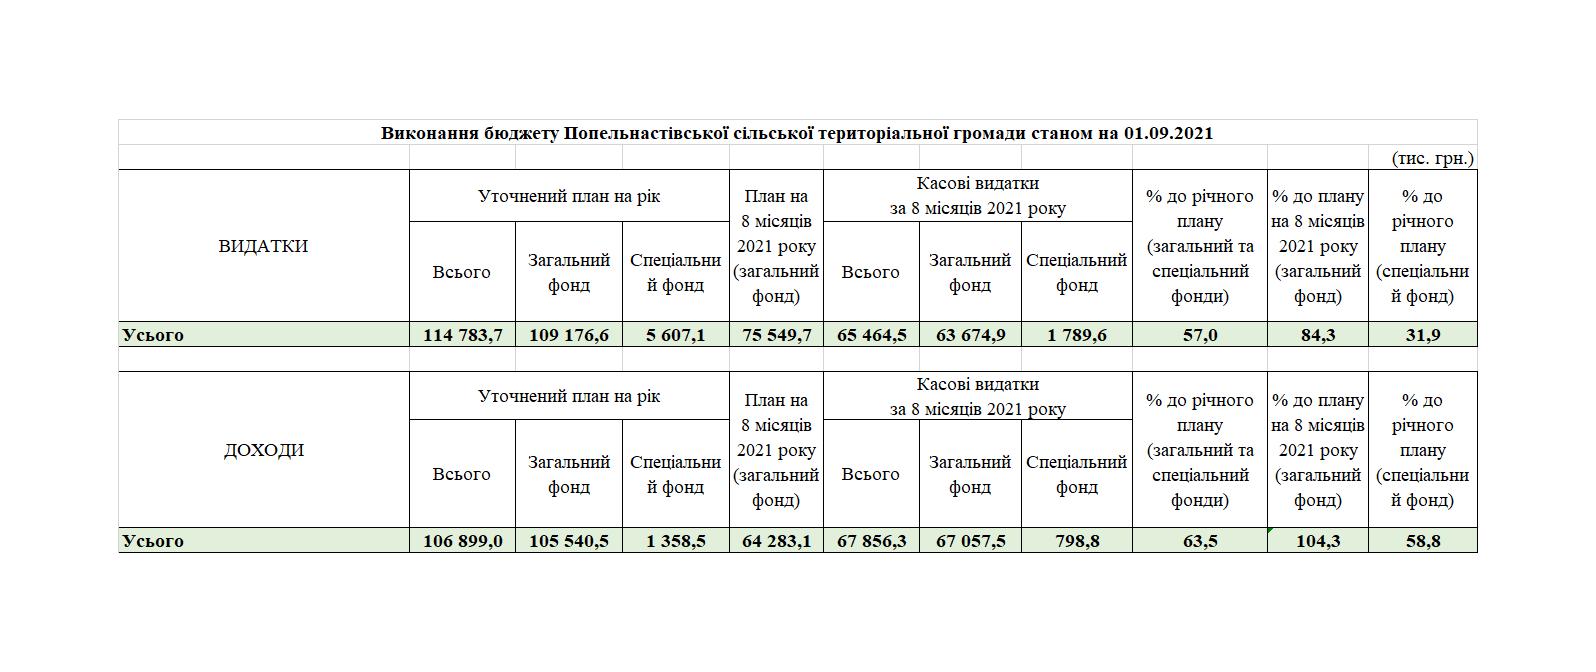 Виконання бюджету Попельнастівської сільської територіальної громади станом на 01.09.2021